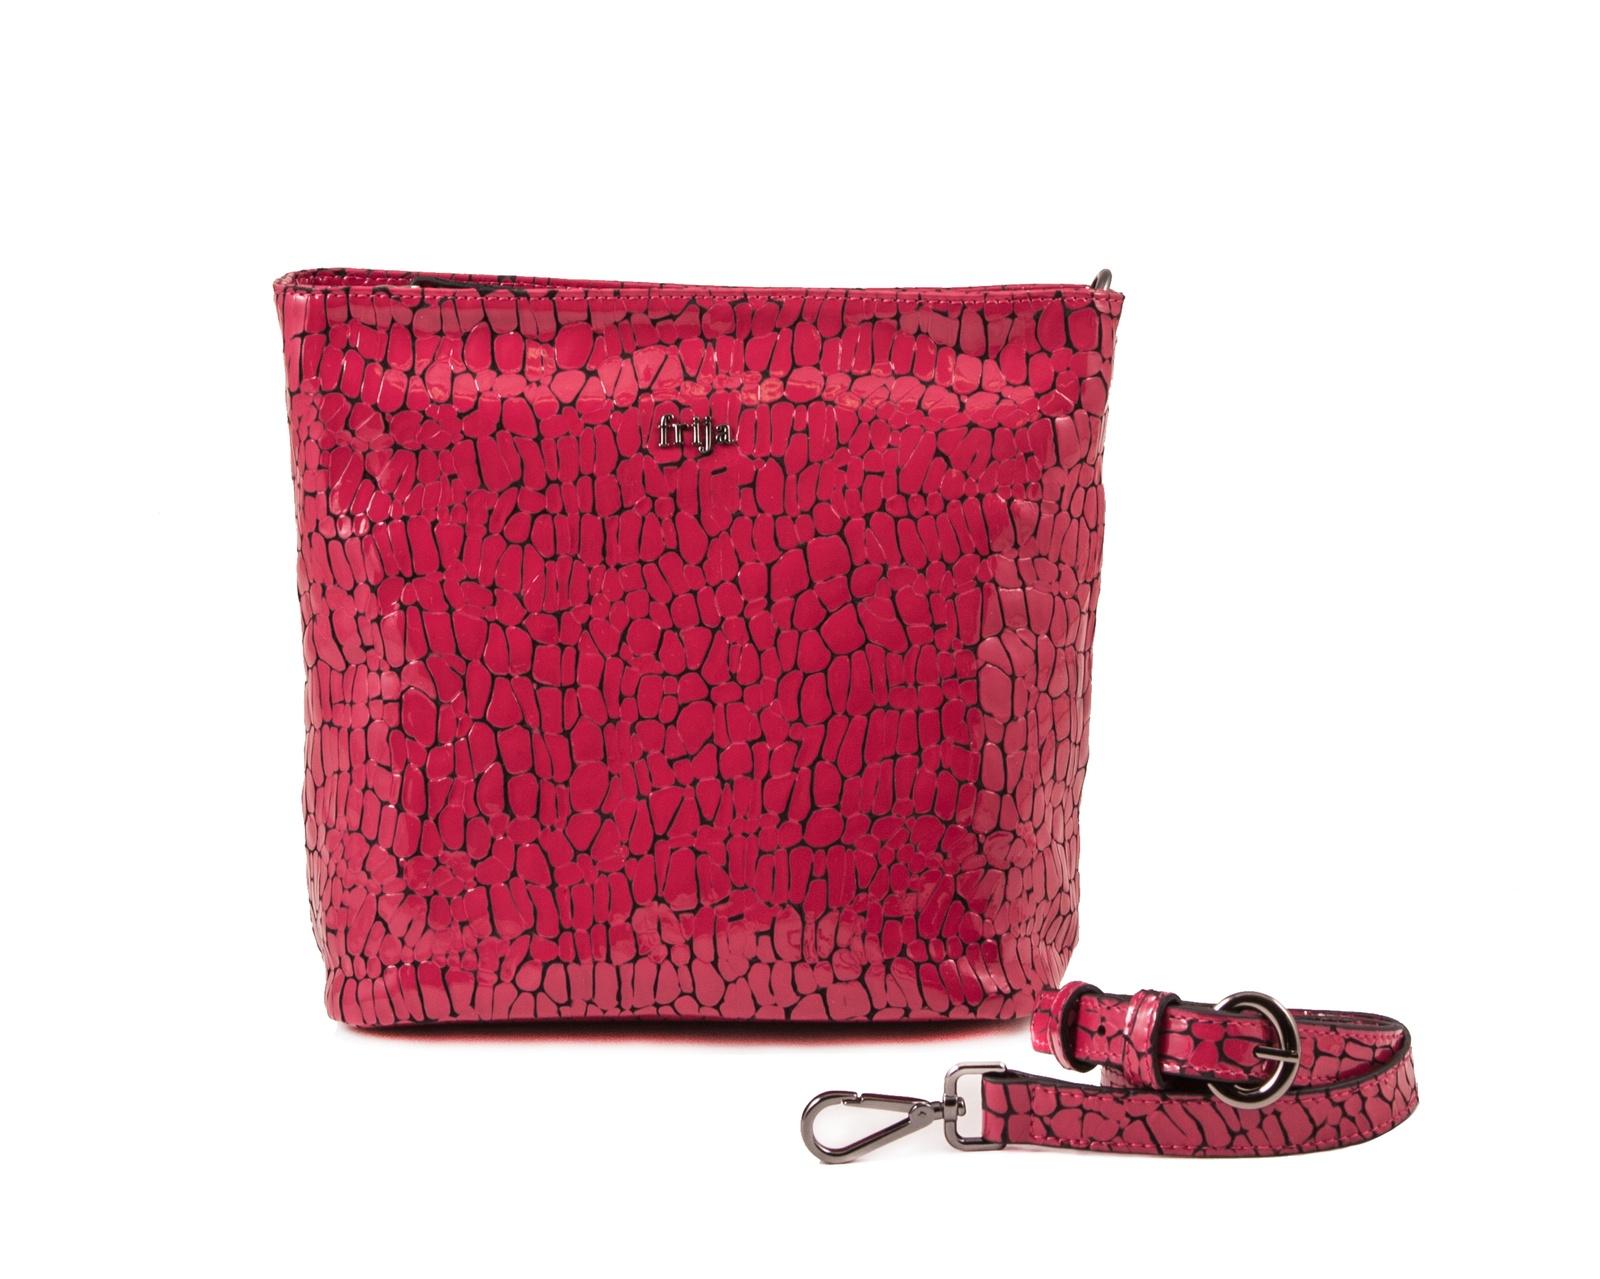 Сумка женская Frija, 21-316-15-009-3, бордовый frija 21 0173 13